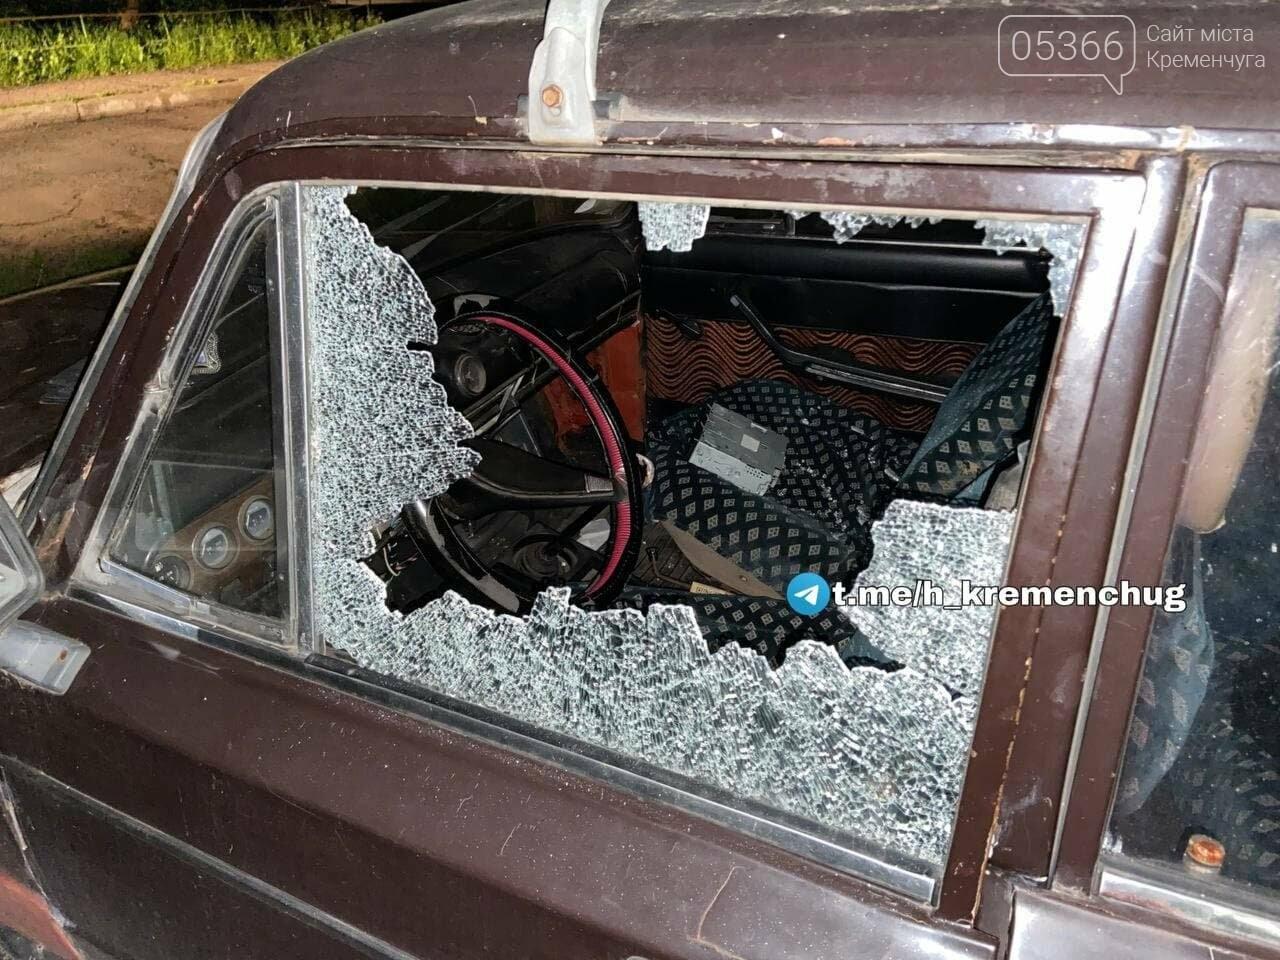 Невідомі особи вночі ходили по Кременчуку та били автівки, одну навіть спалили. Відео, ФОТО , фото-2